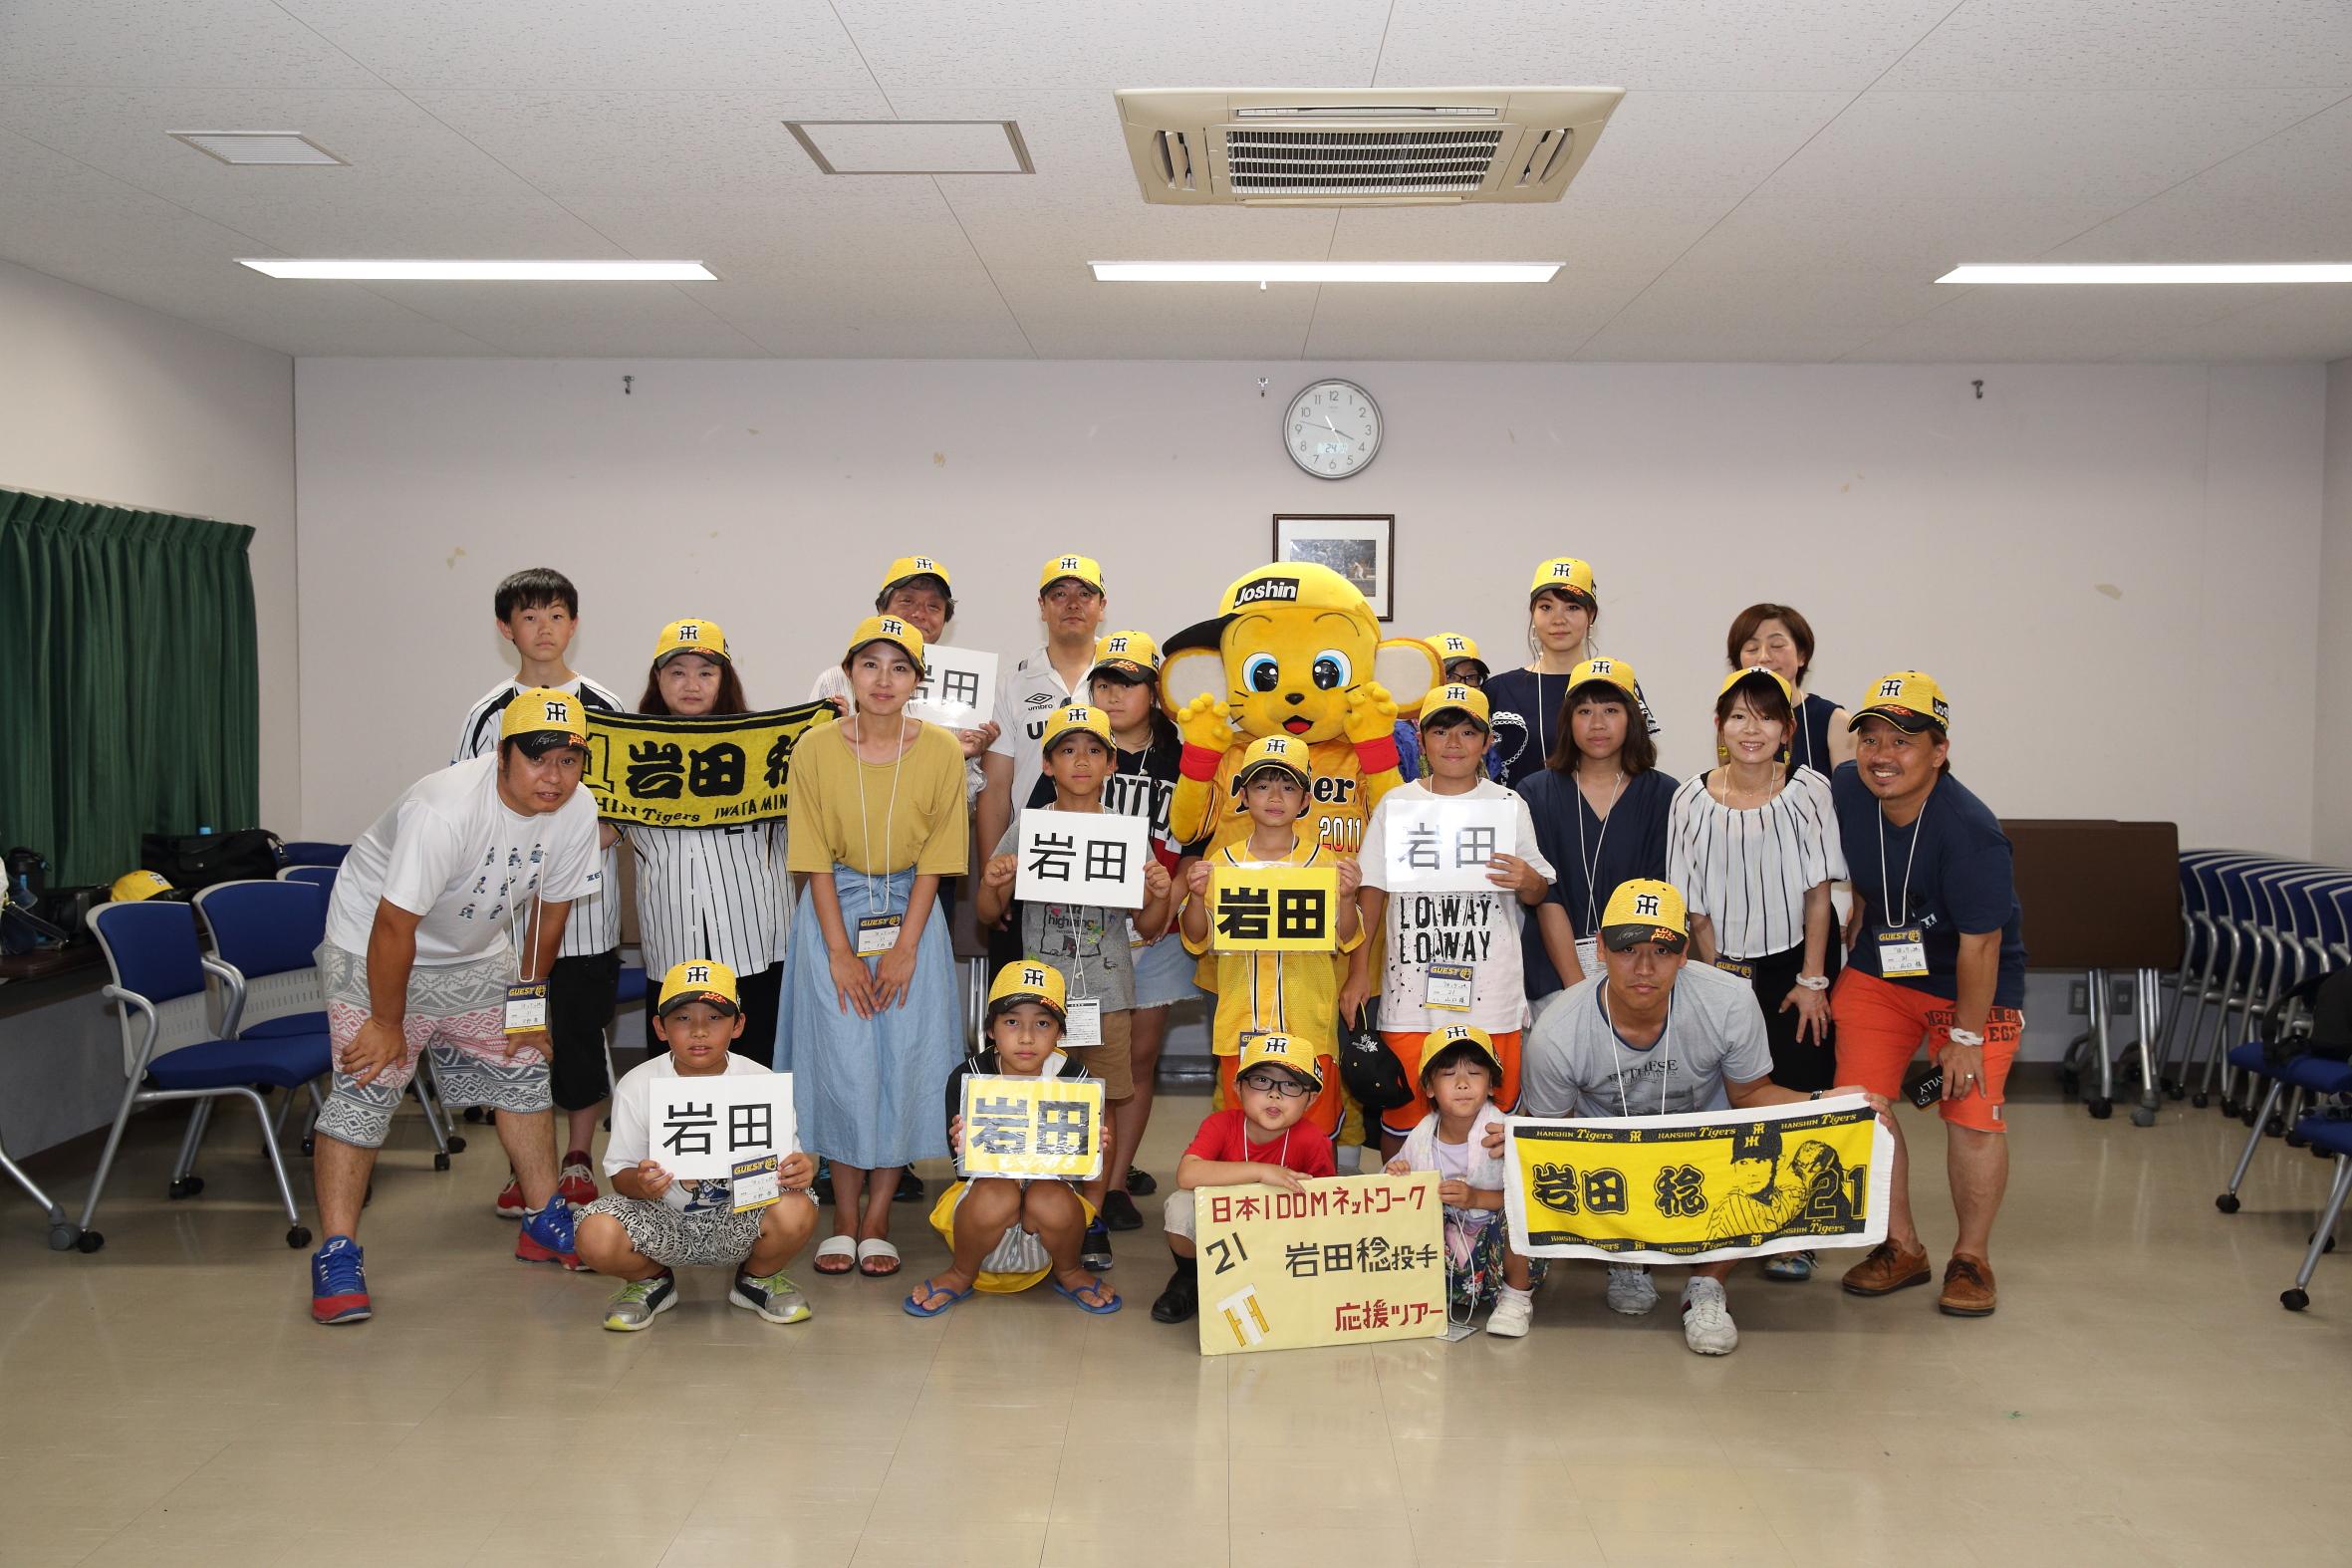 阪神タイガース岩田稔投手と1型糖尿病の子ども達との交流会が開催!